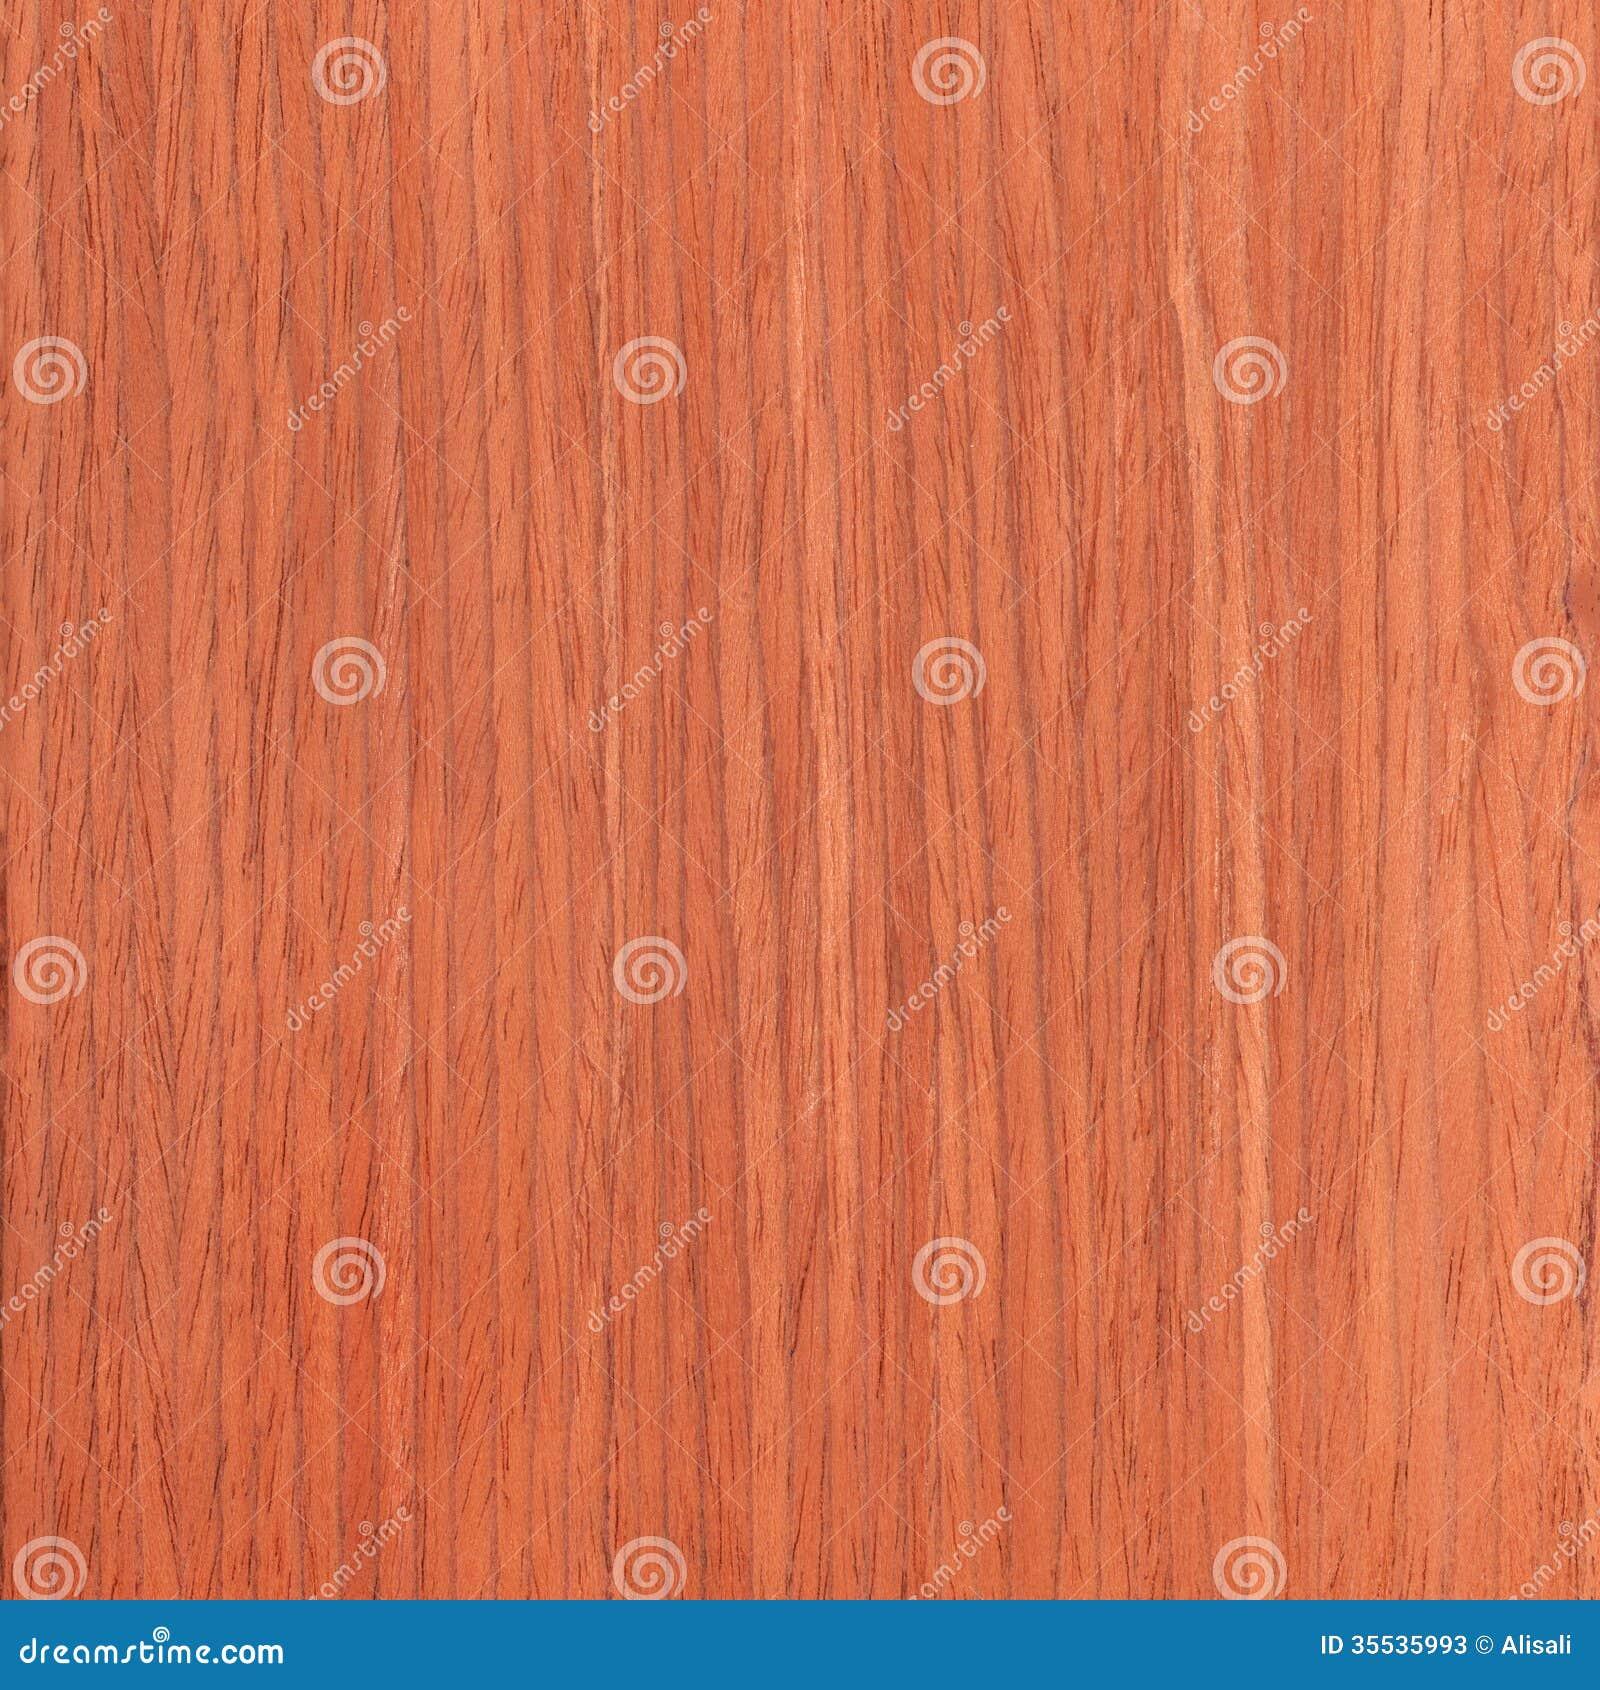 Black cherry lumber